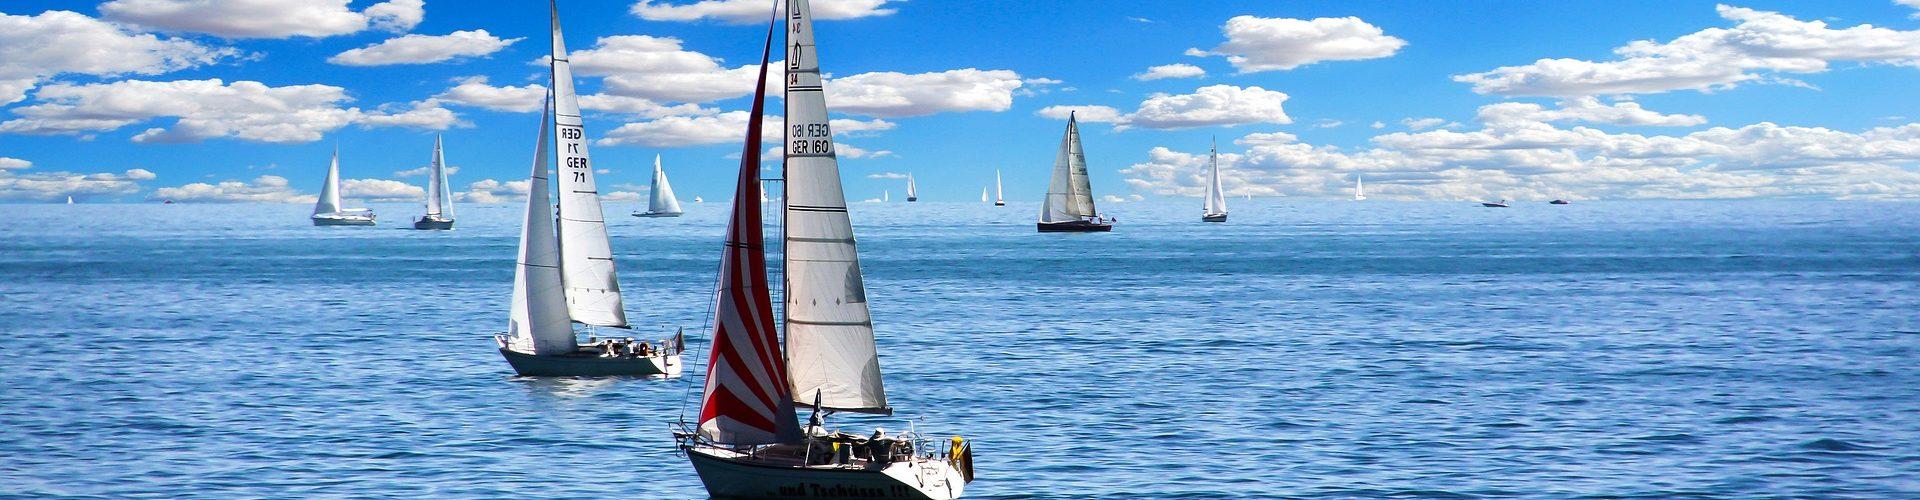 segeln lernen in Stockach segelschein machen in Stockach 1920x500 - Segeln lernen in Stockach